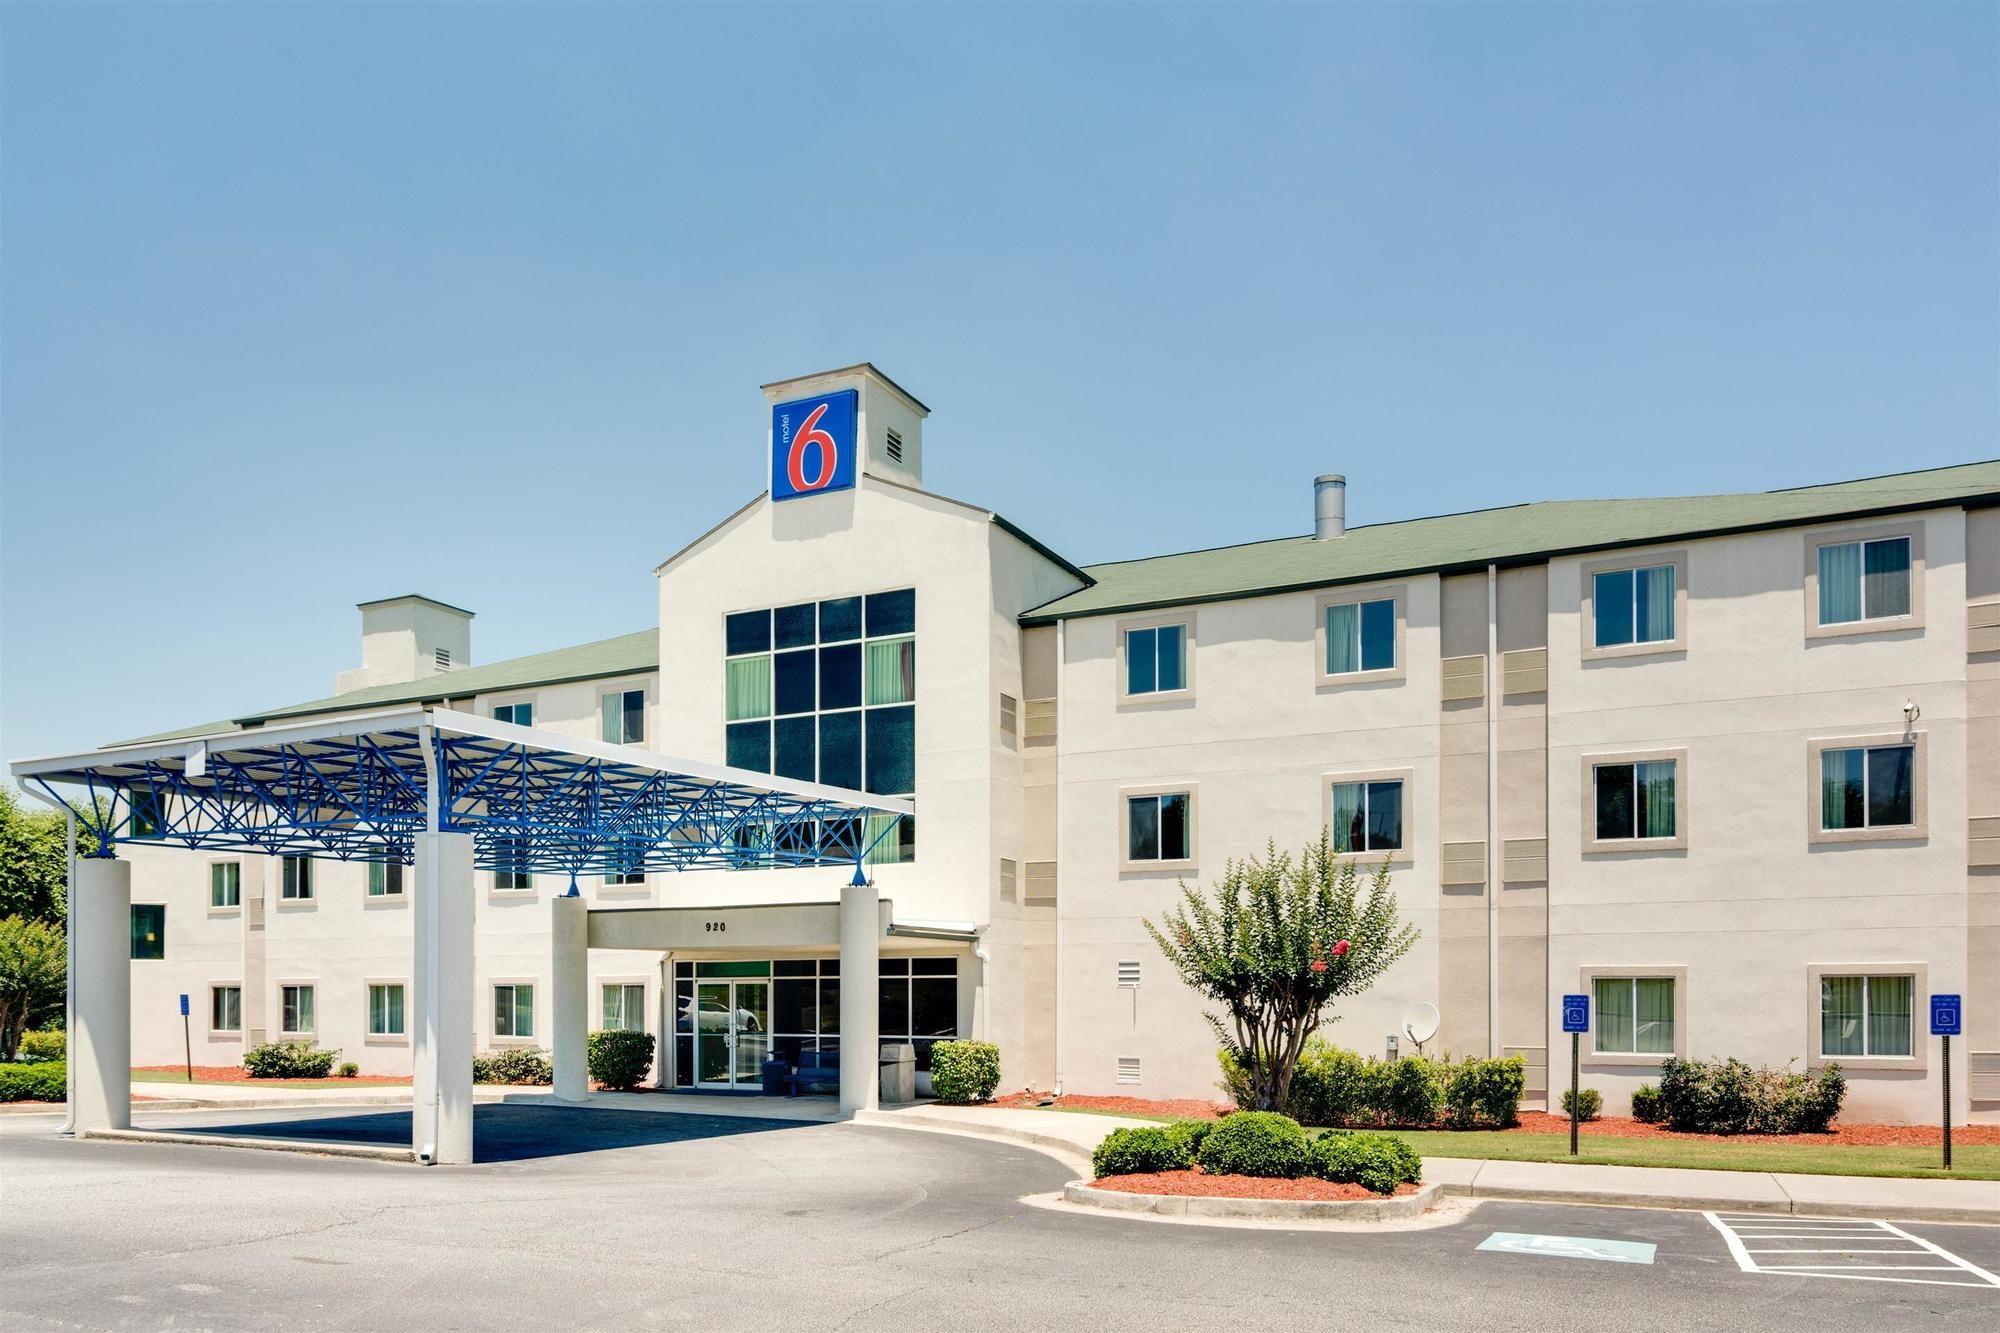 America's Best Value Inn Doulgasville in Douglasville, GA